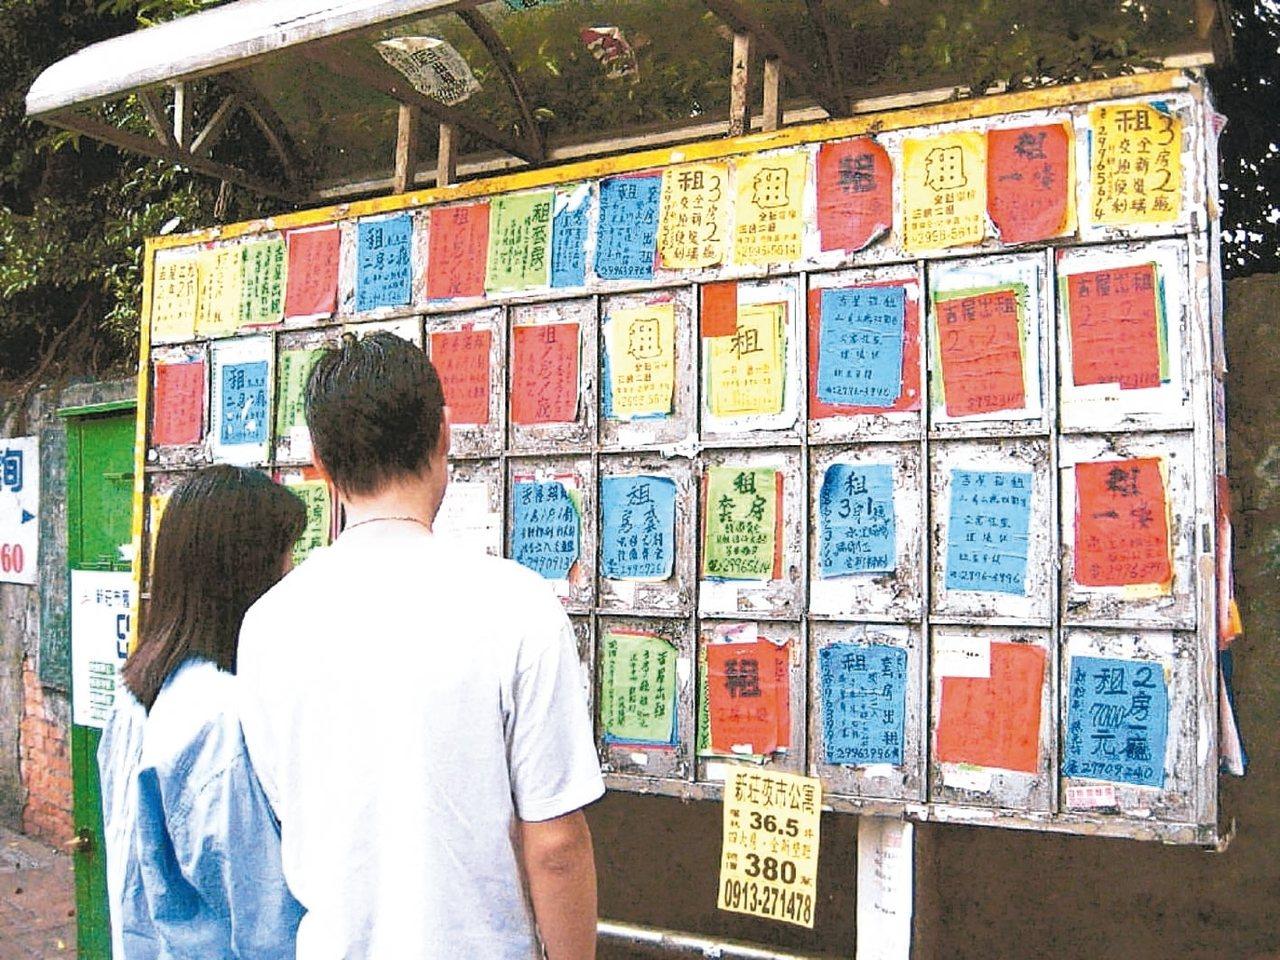 新學期將開始,學生在外租屋,家長可享有綜合所得稅節稅權利。 圖/聯合報系資料照片